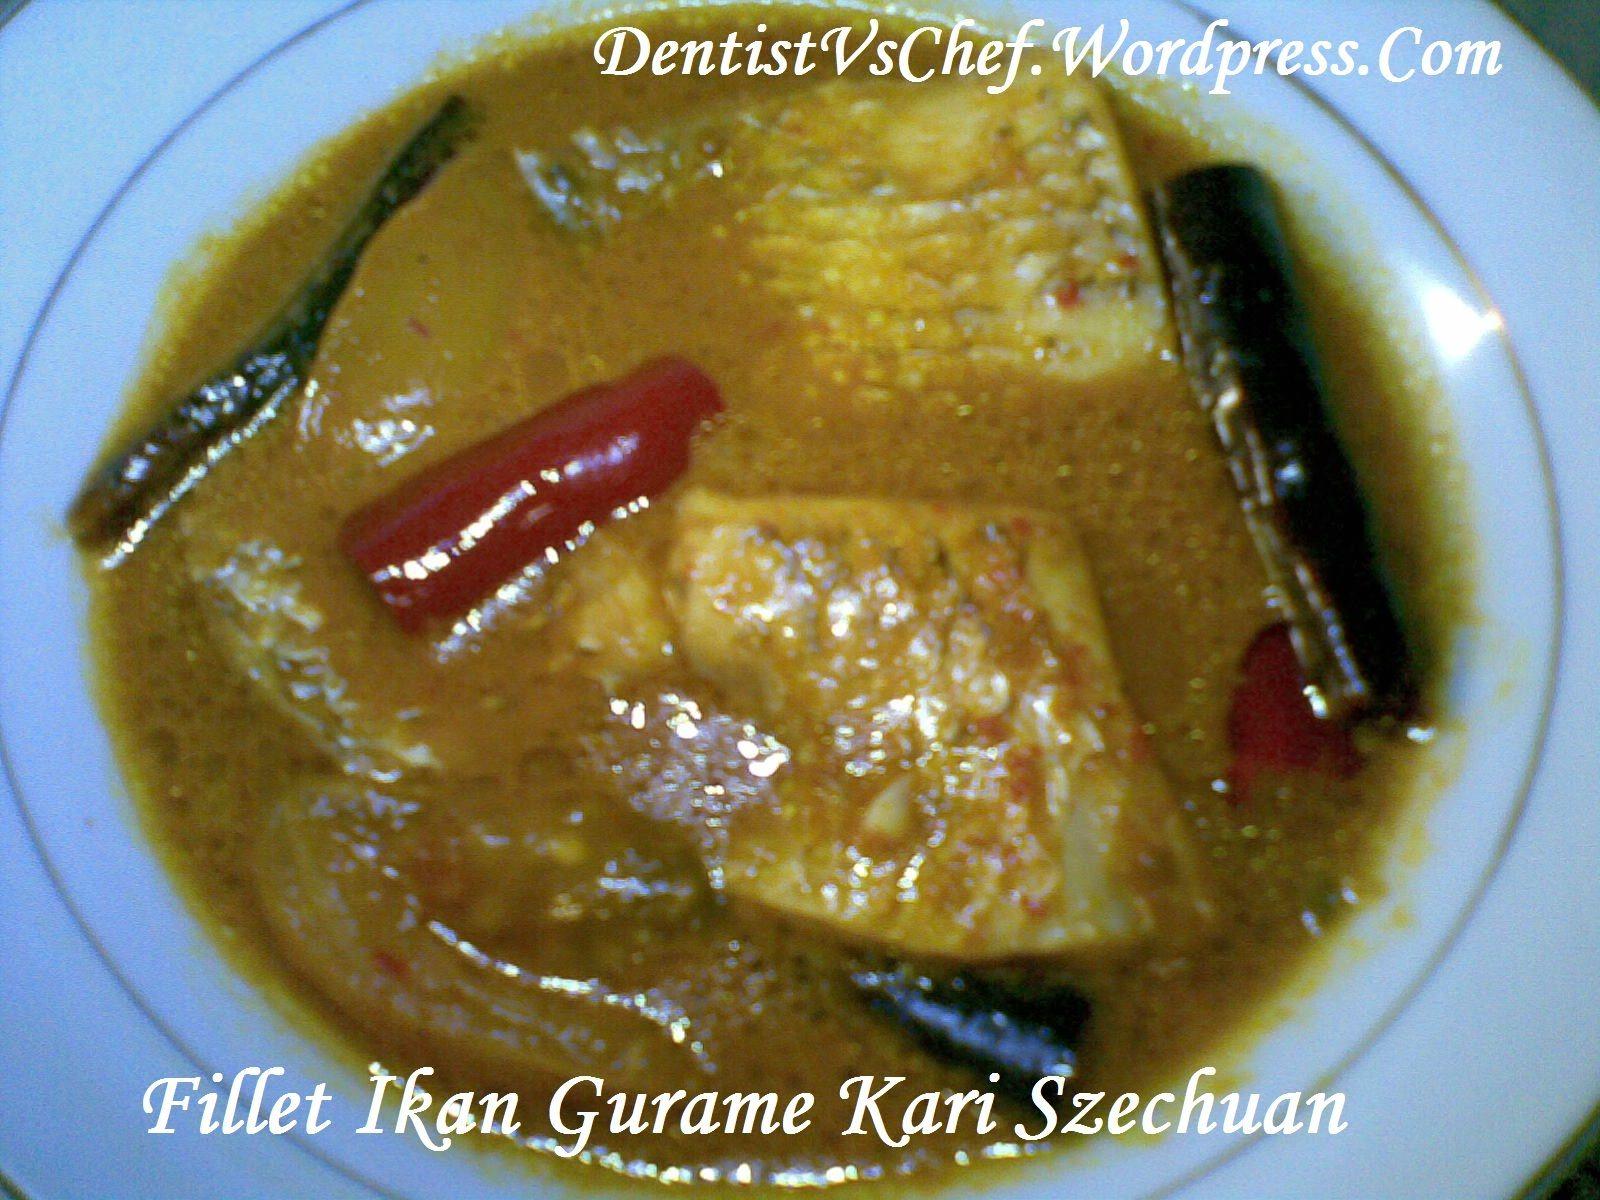 Resep Kari Ikan Szechuan Ala Dentist Chef Makanan Resep Ikan Kari